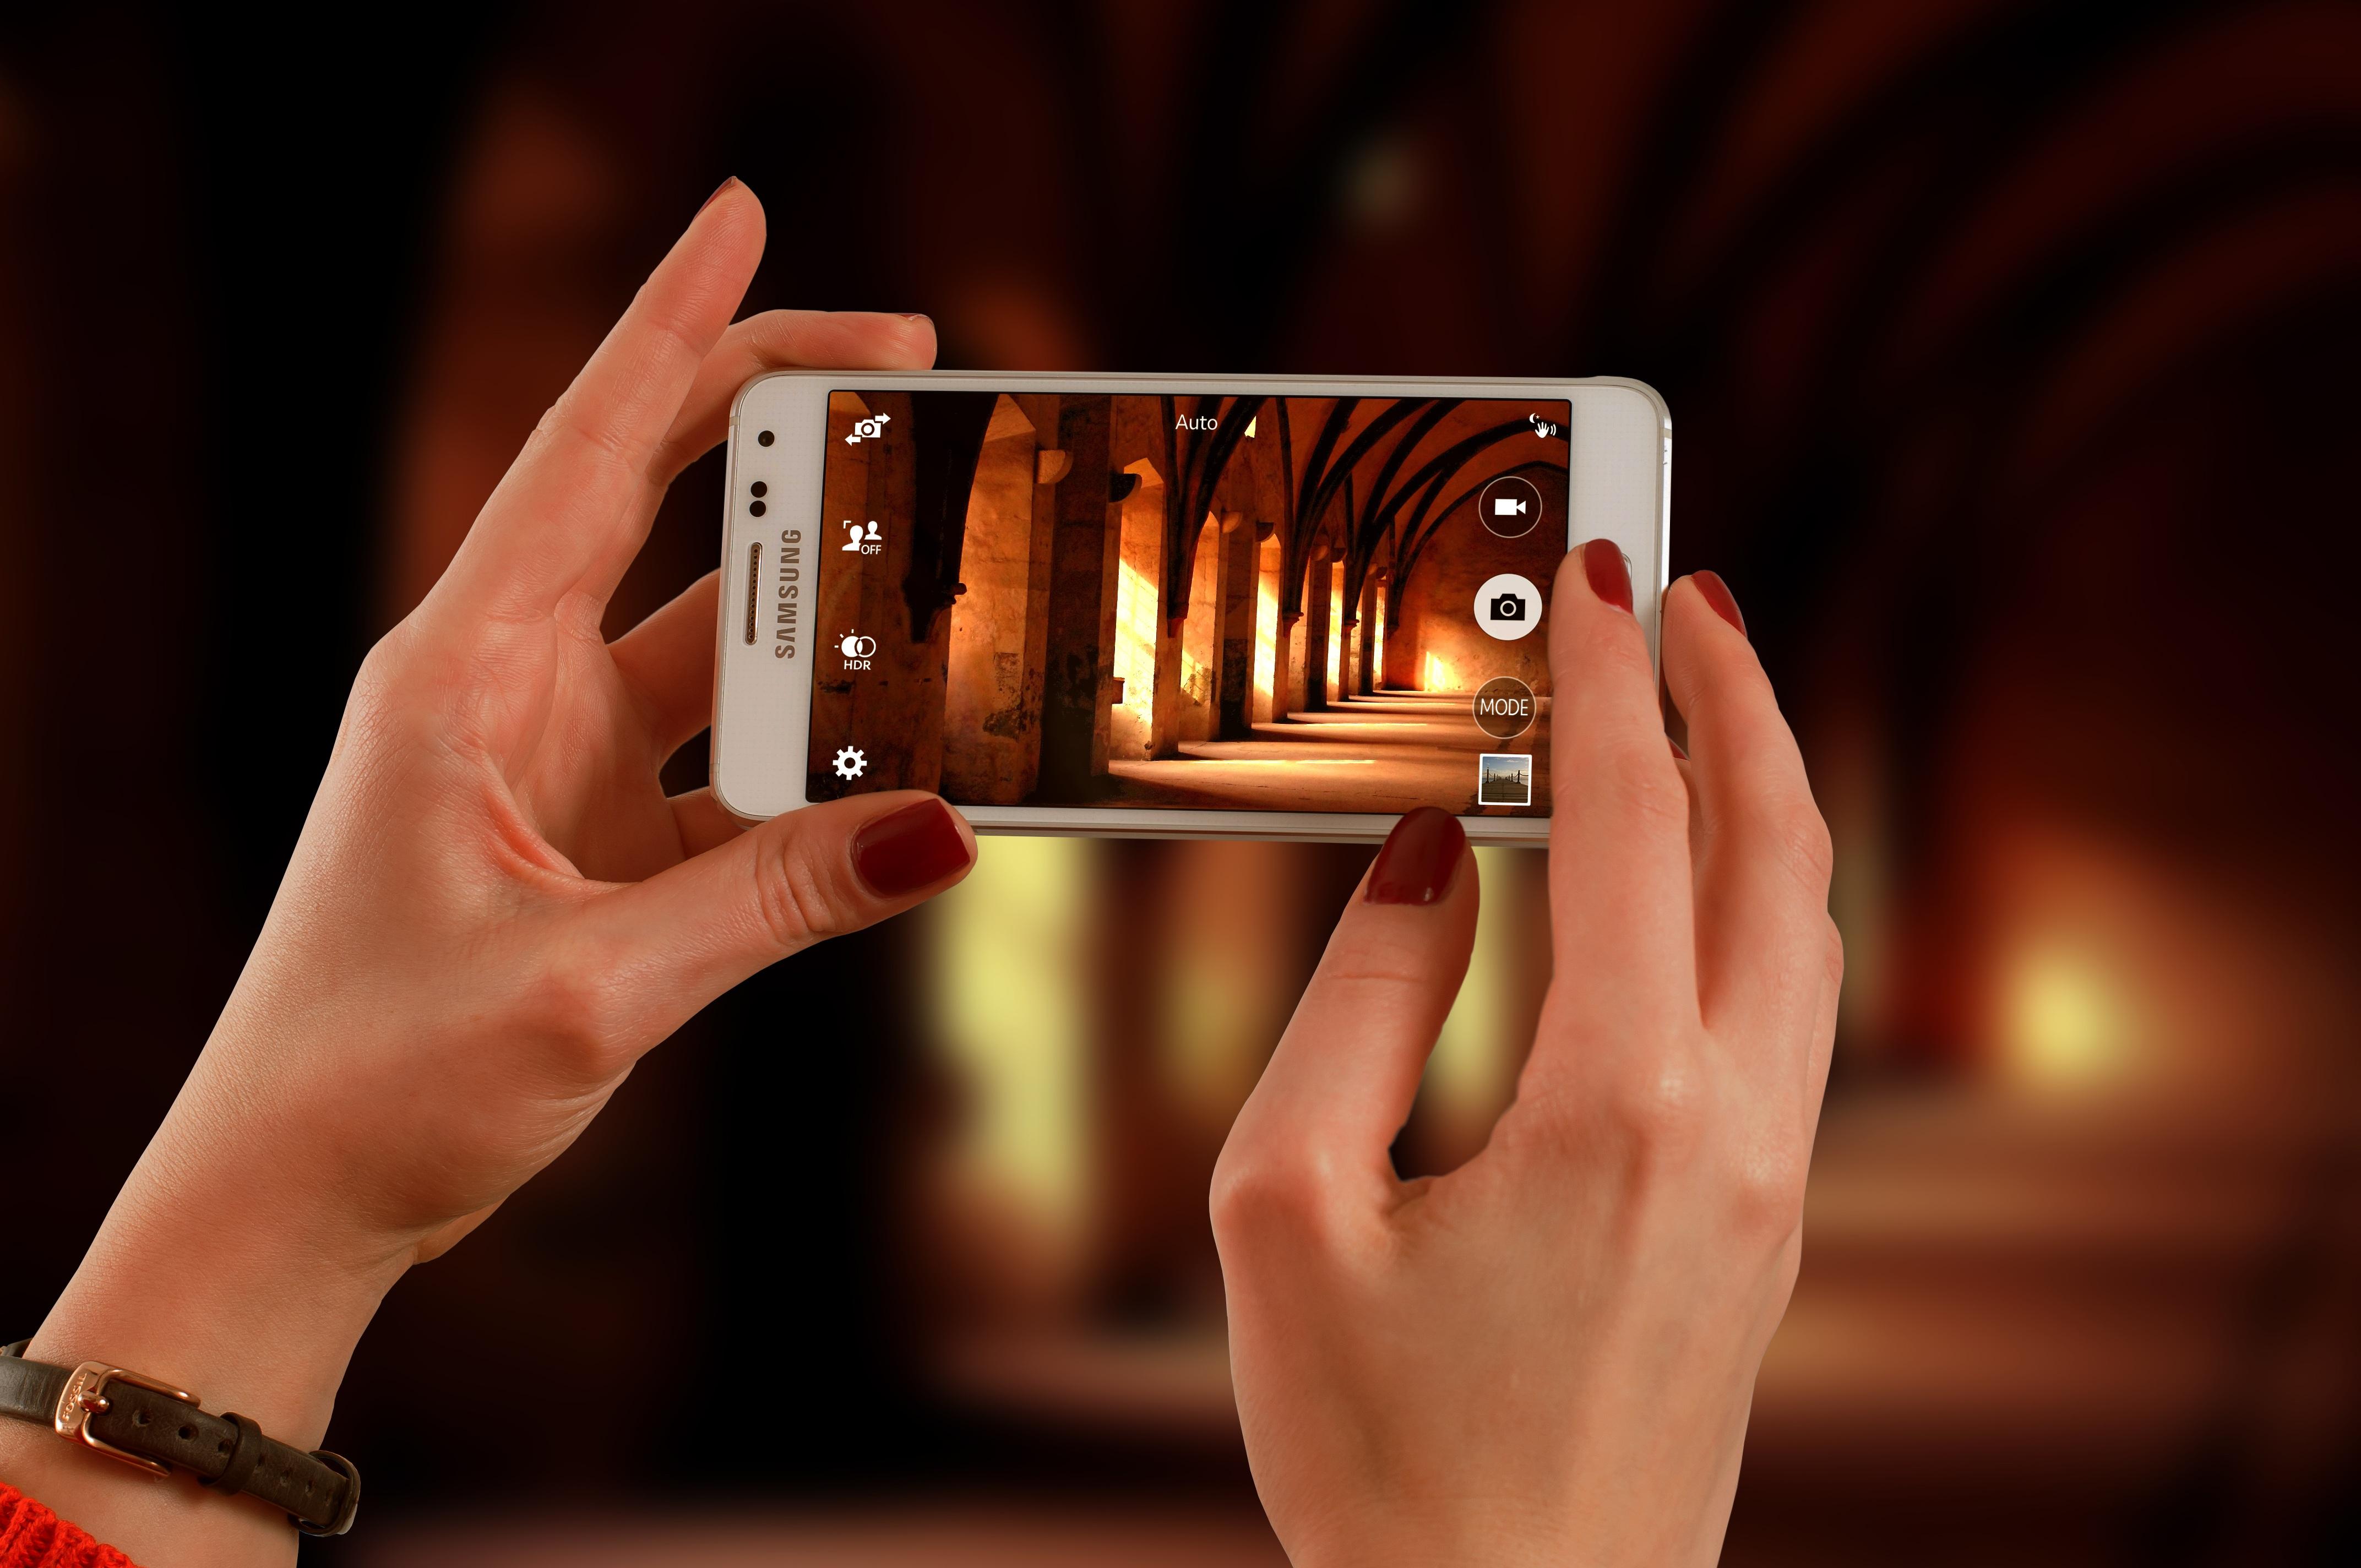 сеть телефон сам фотографирует без нажатия можете